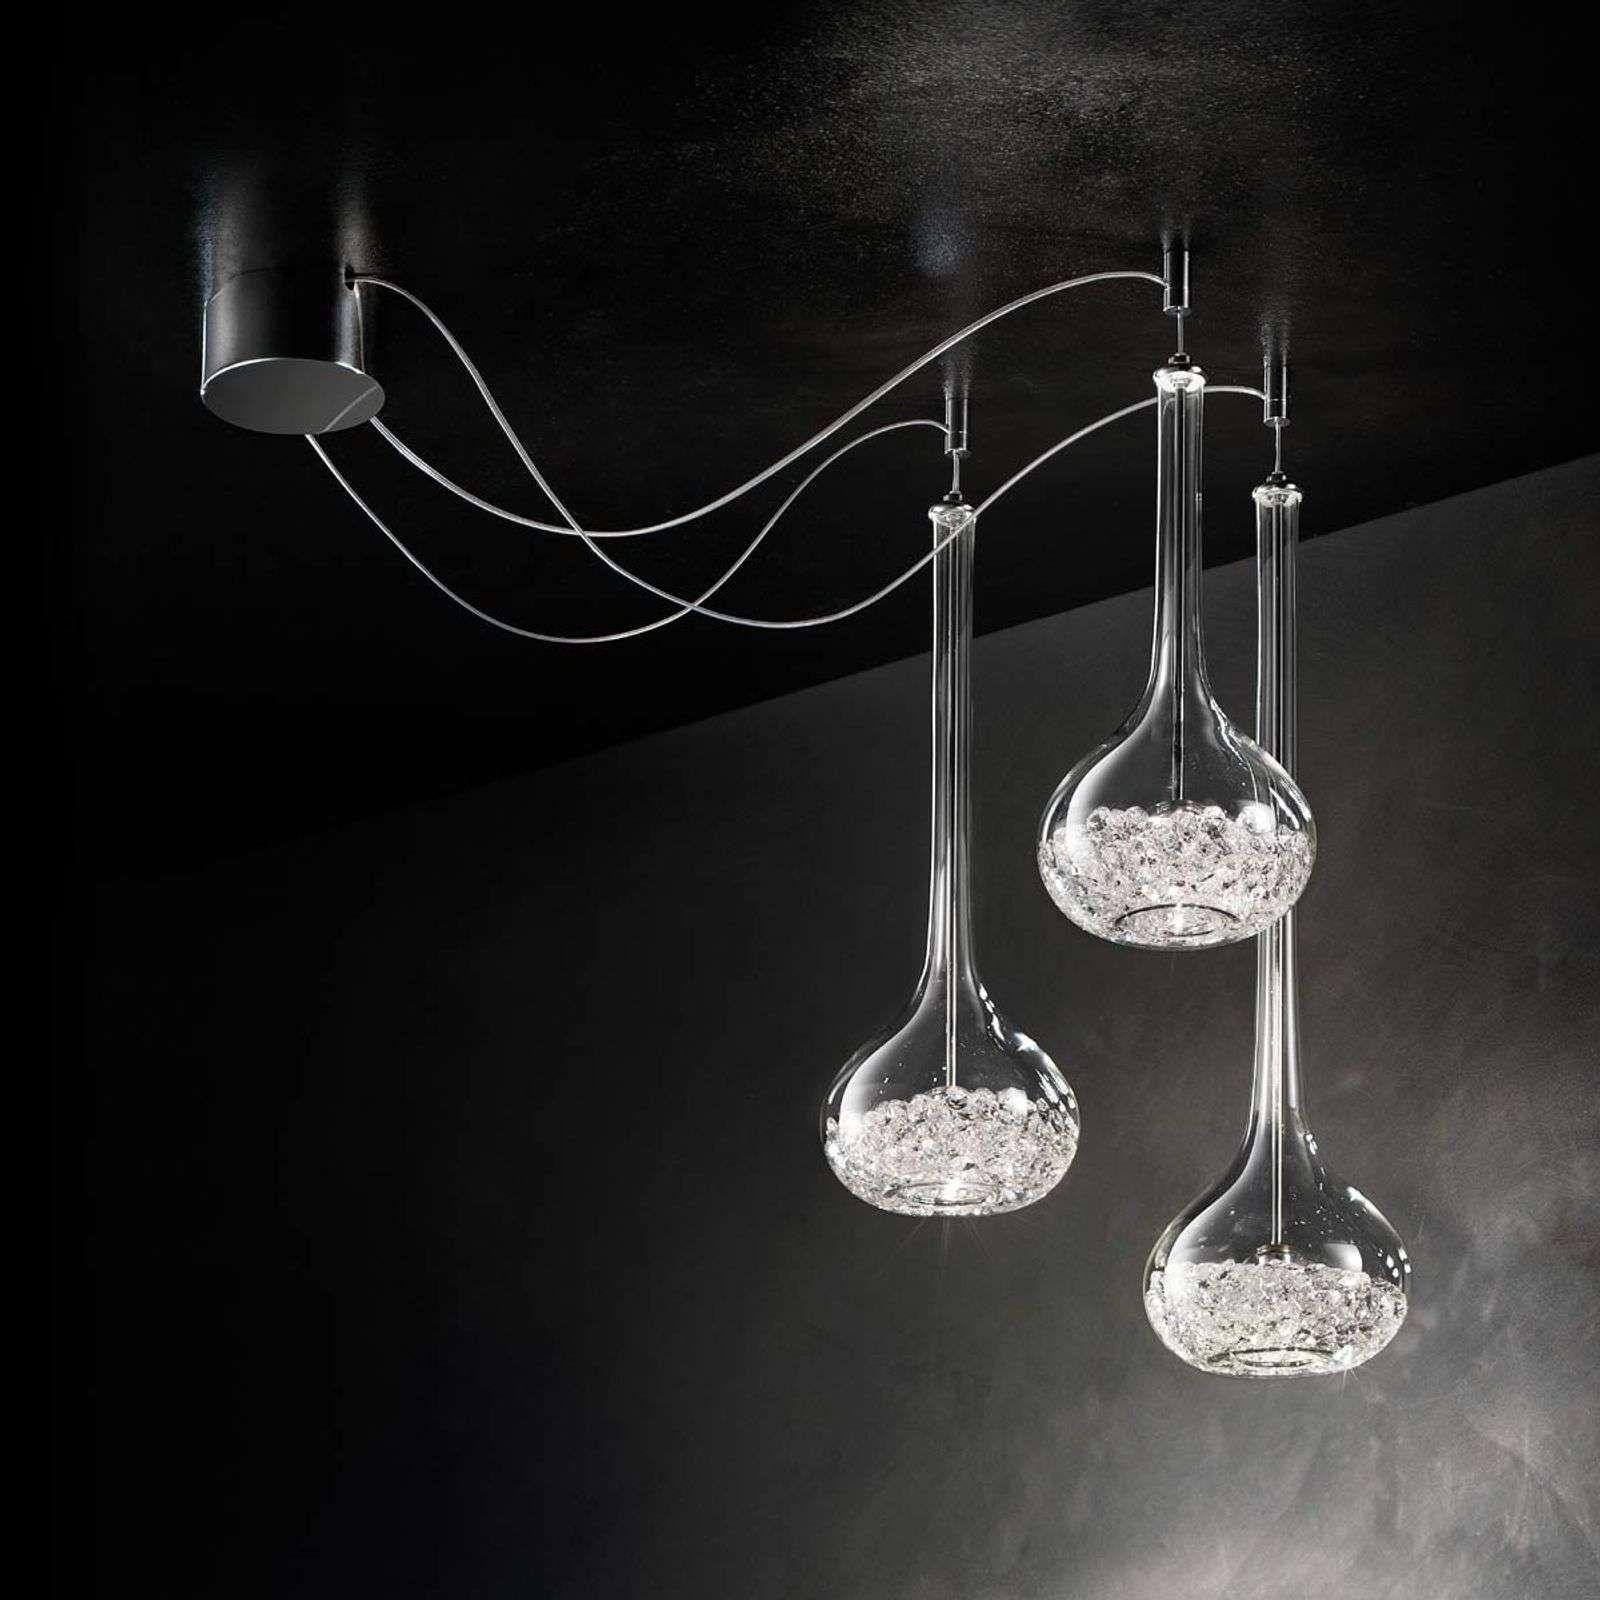 Magnifique Suspension A 1 Lampe Graal Lampe Suspension Luminaire Moderne Et Lumiere De Lampe